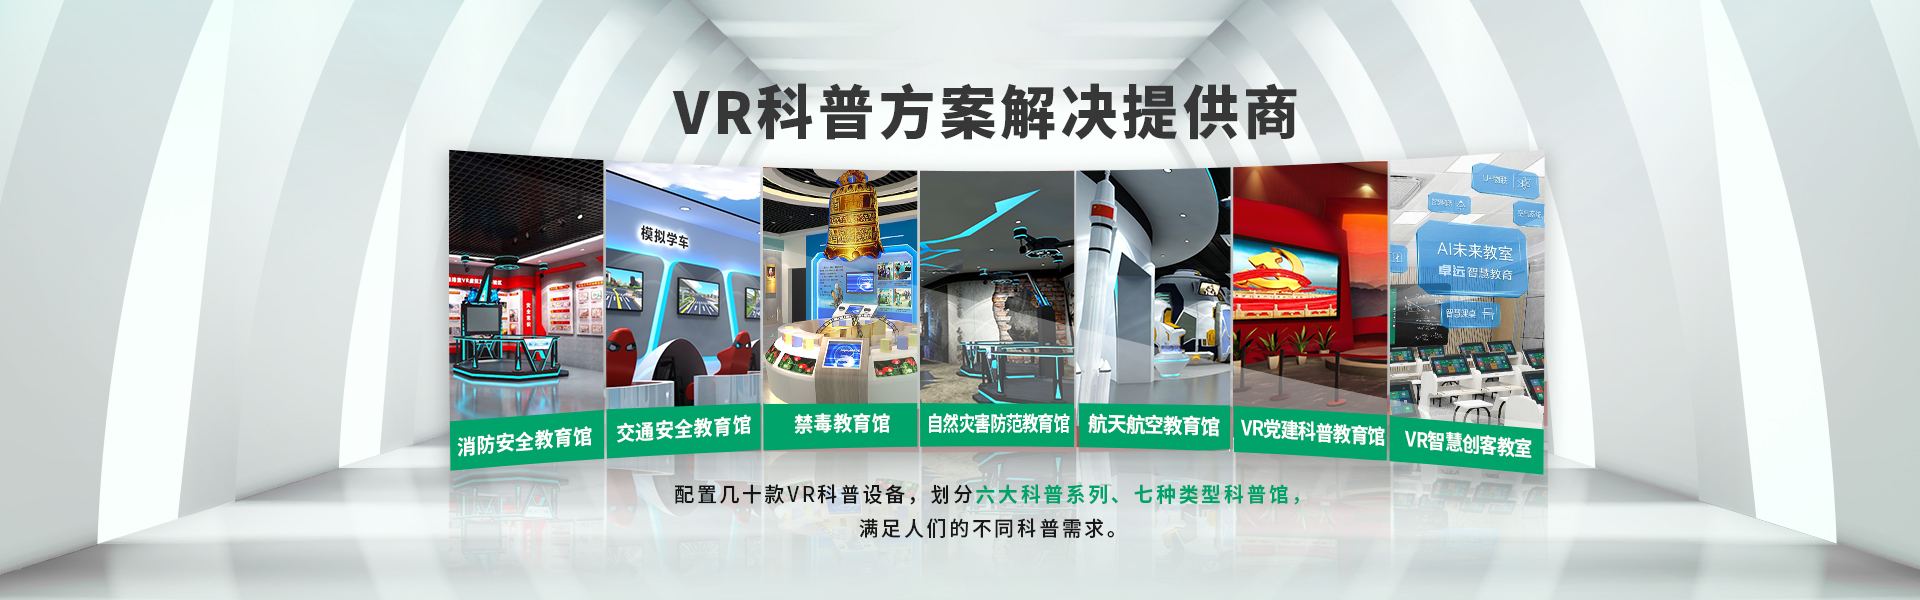 广州卓远虚拟现实科技有限公司|网站